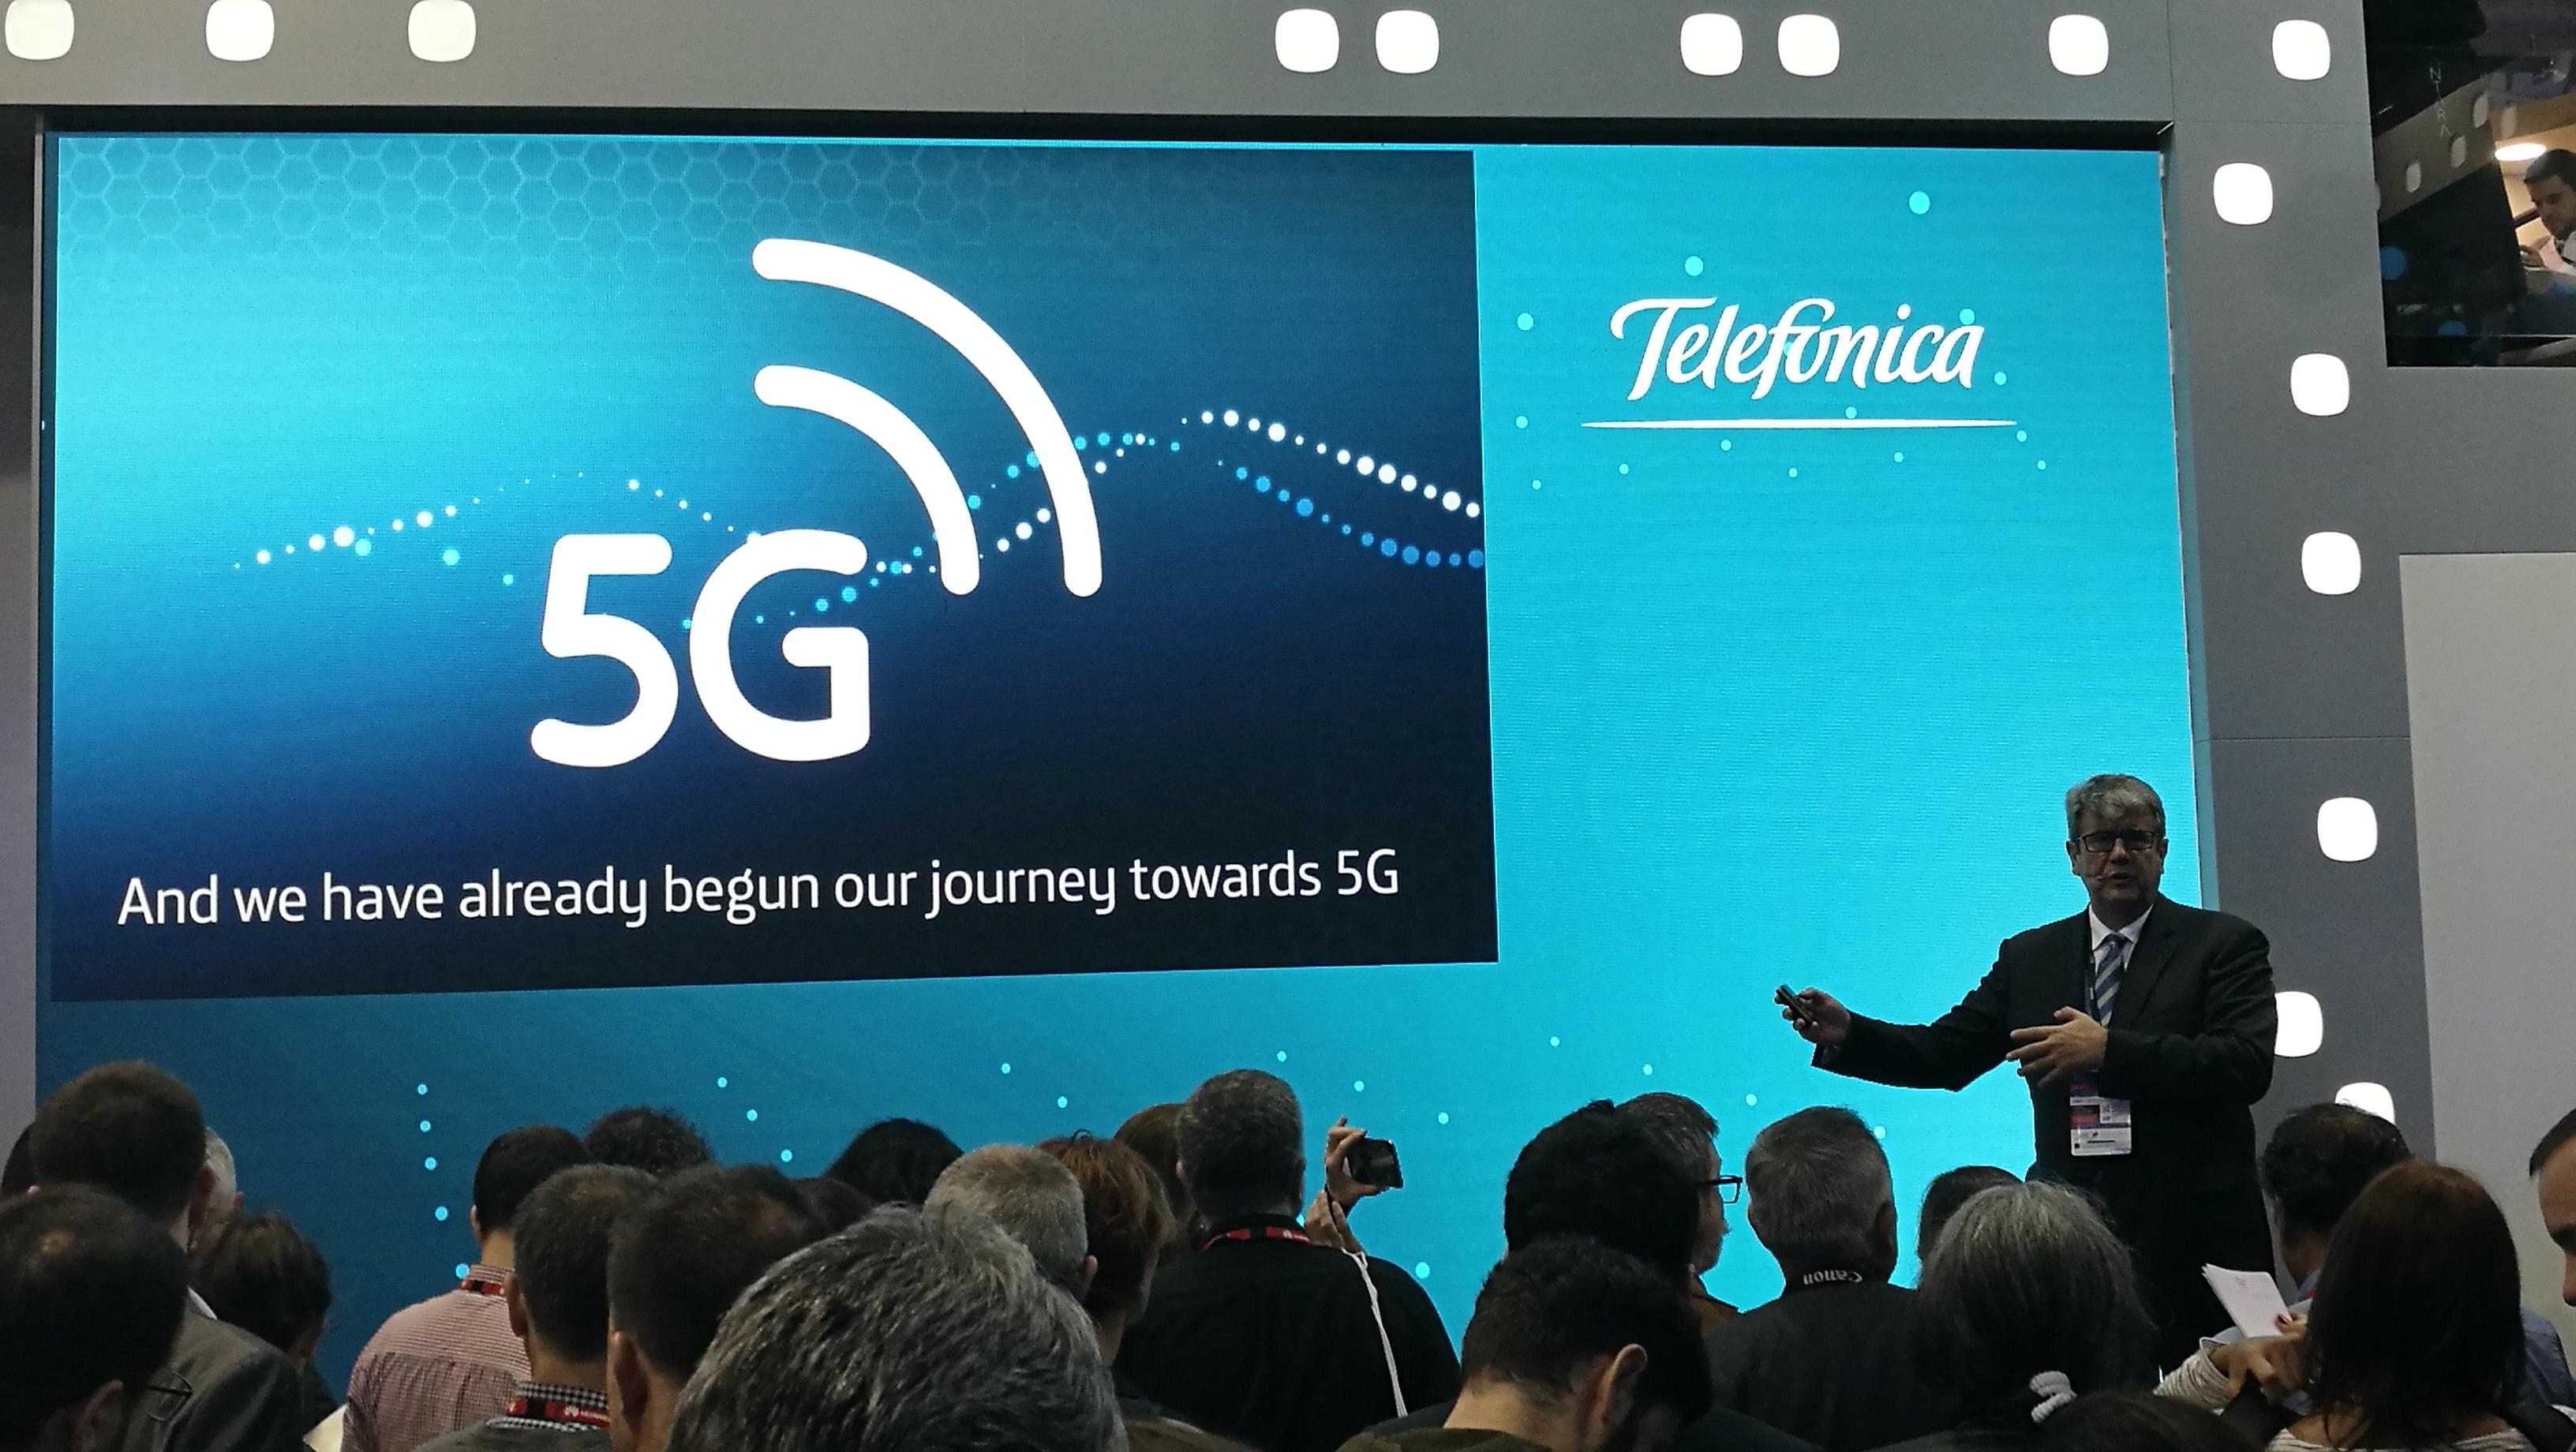 MWC17: Telefónica y Ericsson presentaron el primer experiencia de conducción remota 5G